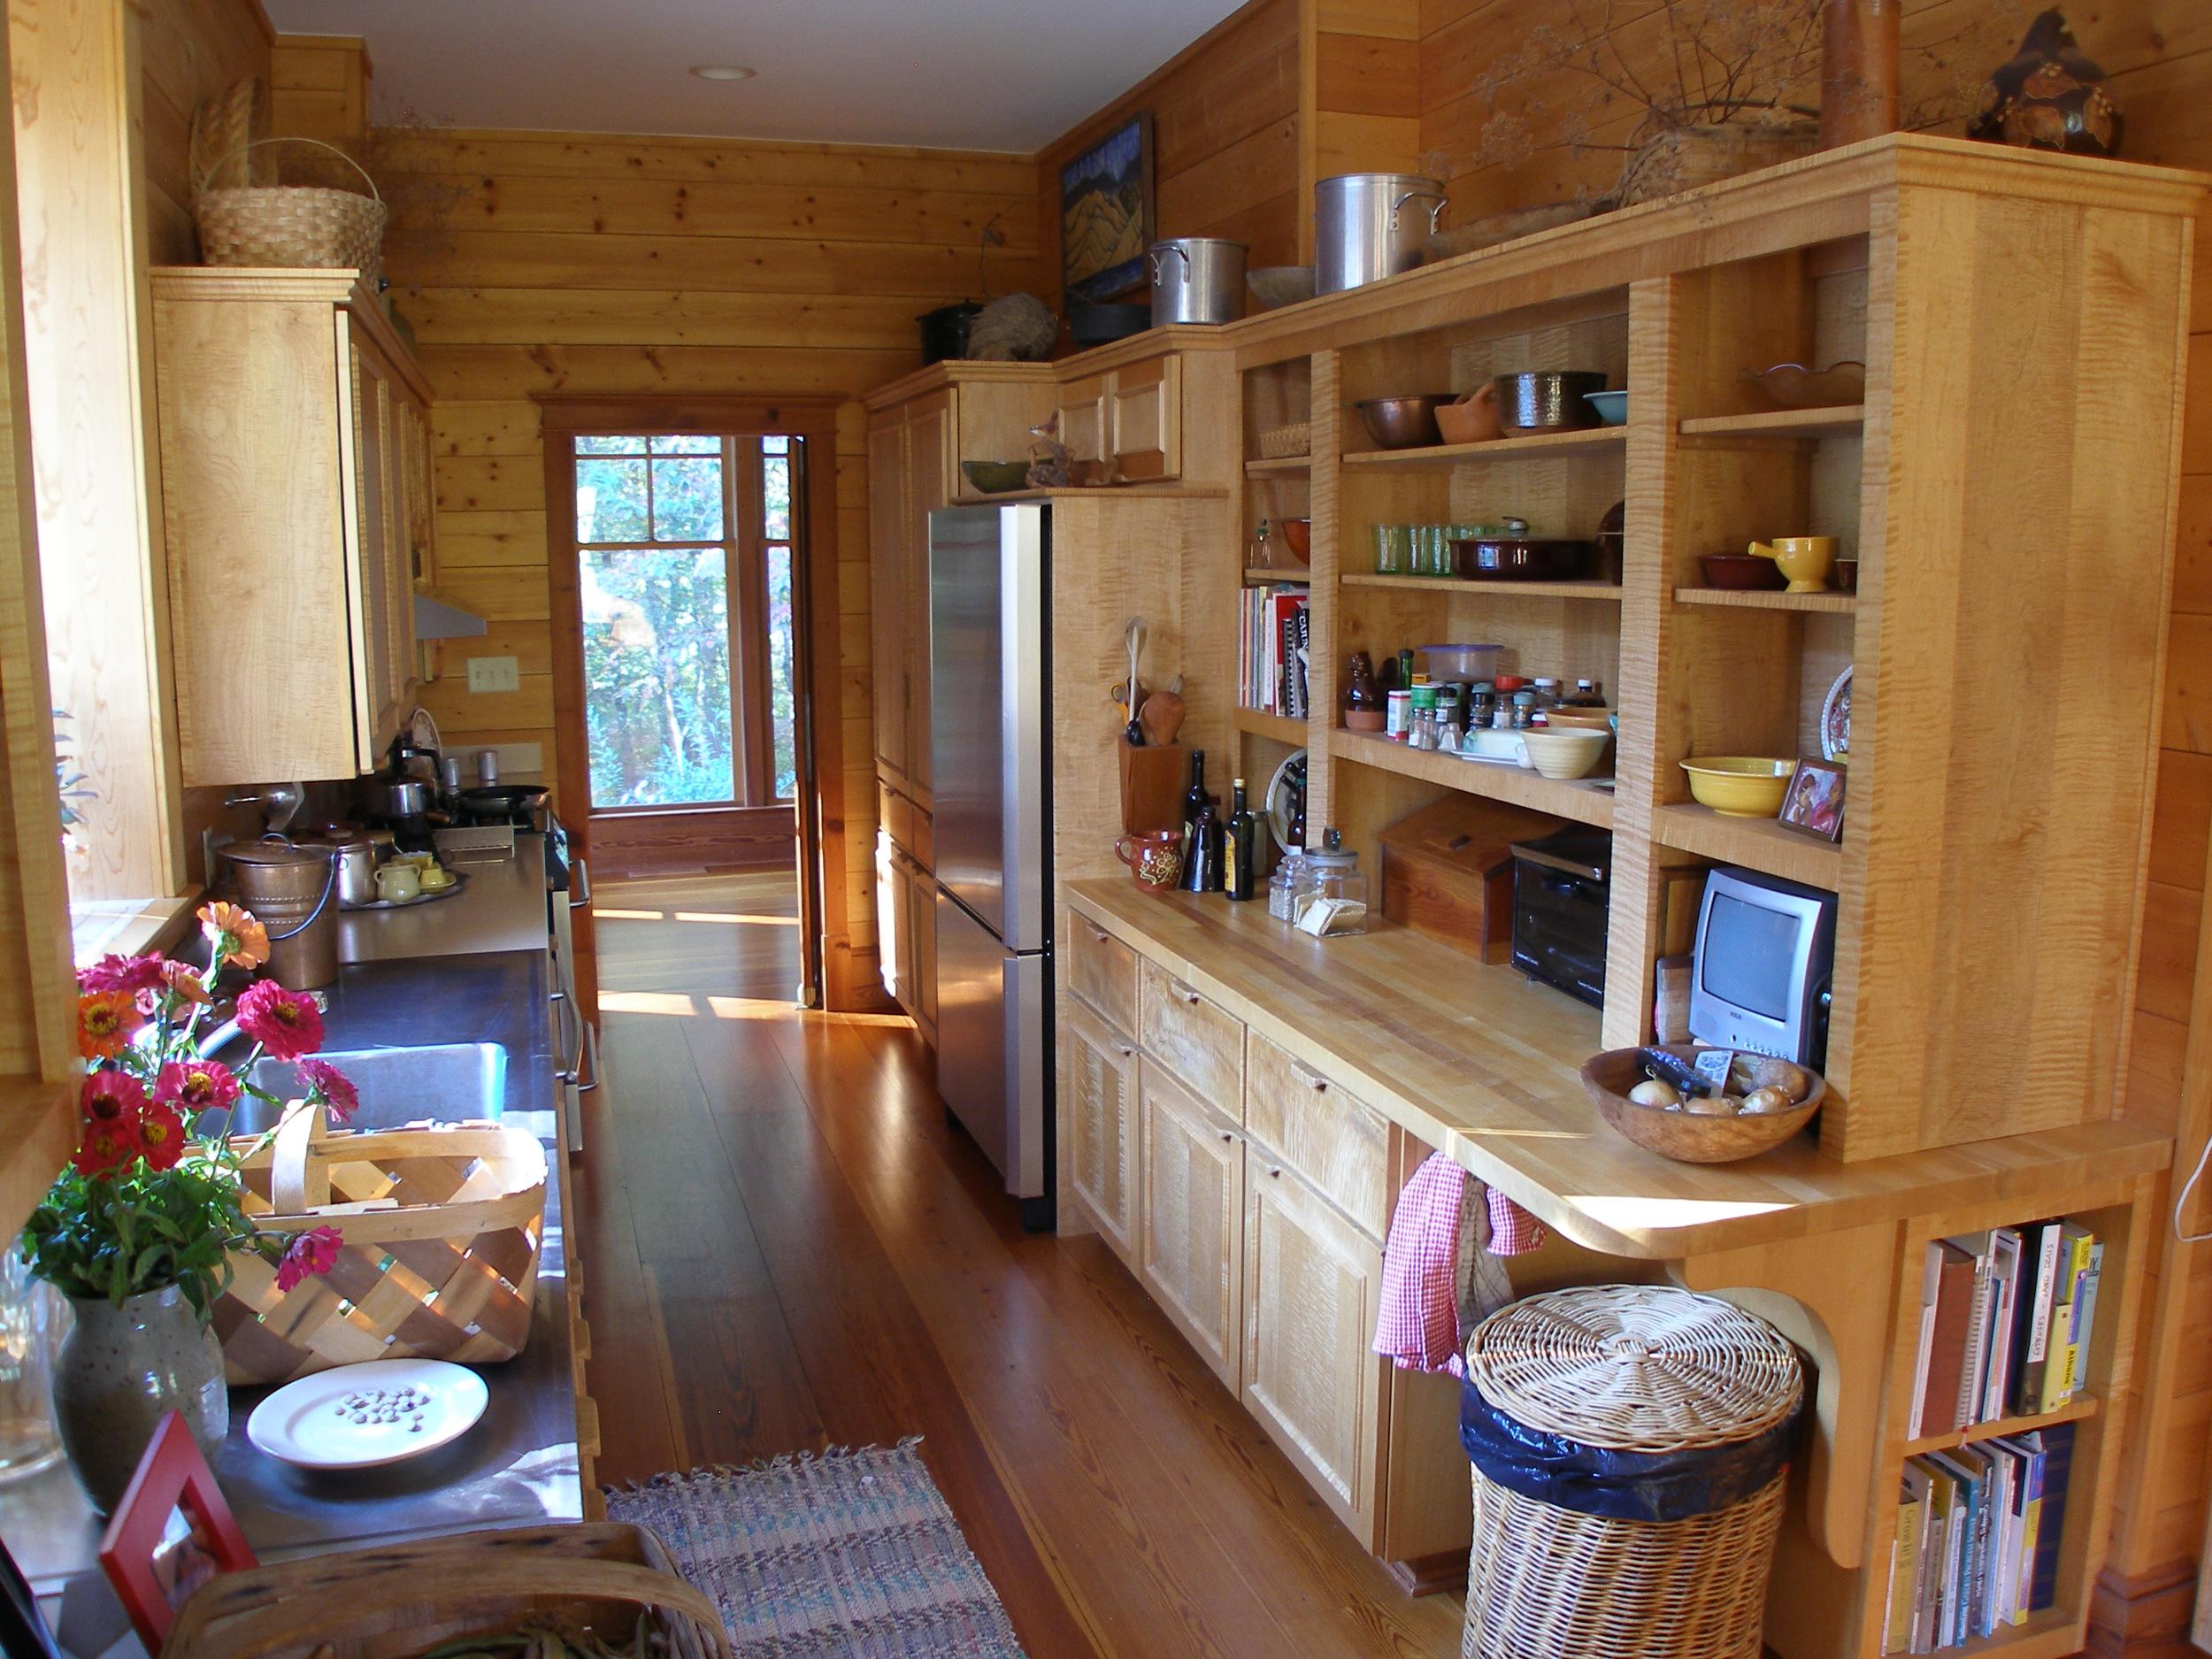 View of work center in galley kitchen.